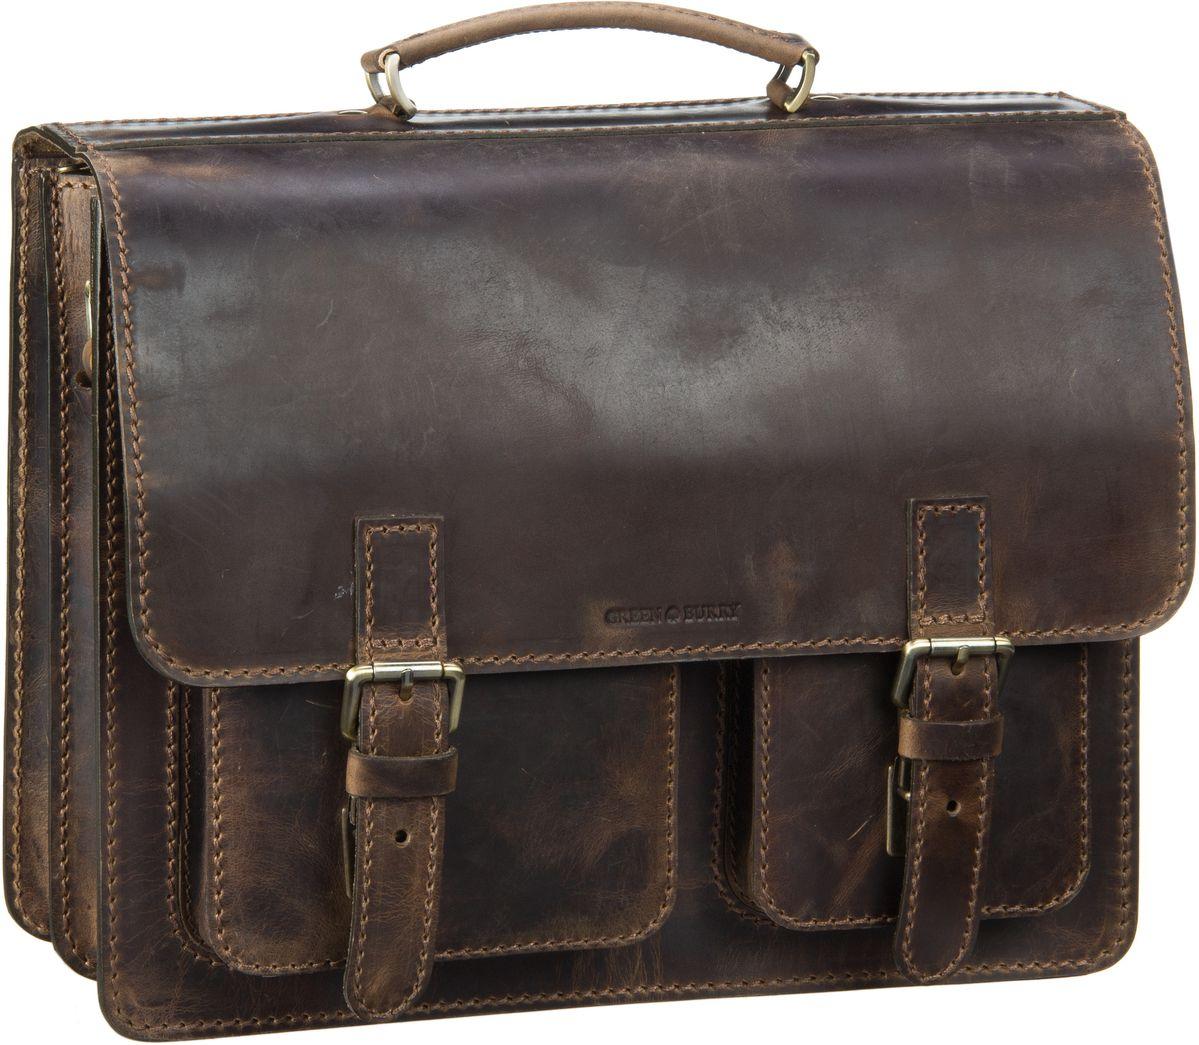 Businesstaschen für Frauen - Greenburry European Pullup 1028 Mappe Brown Aktentasche  - Onlineshop Taschenkaufhaus